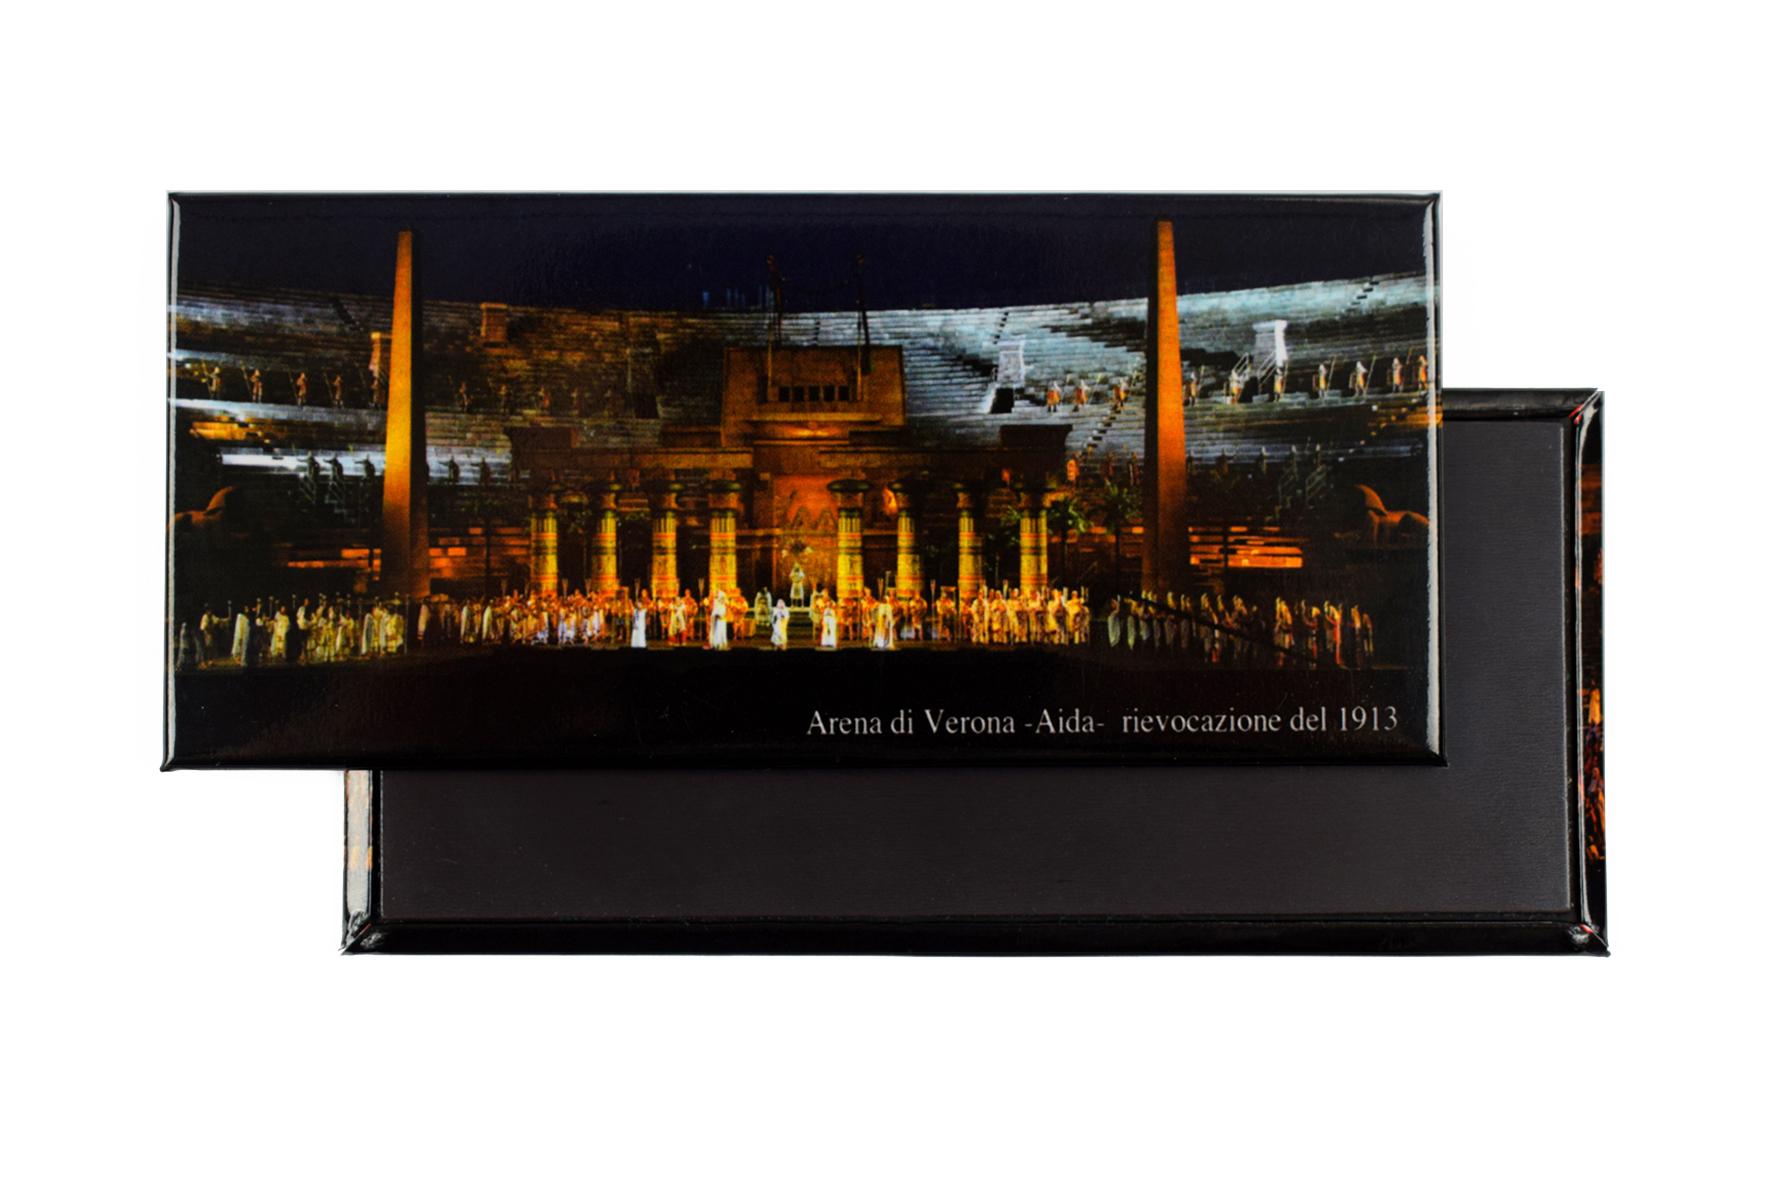 Magnete Arena di Verona - Aida - rievocazione del 1913